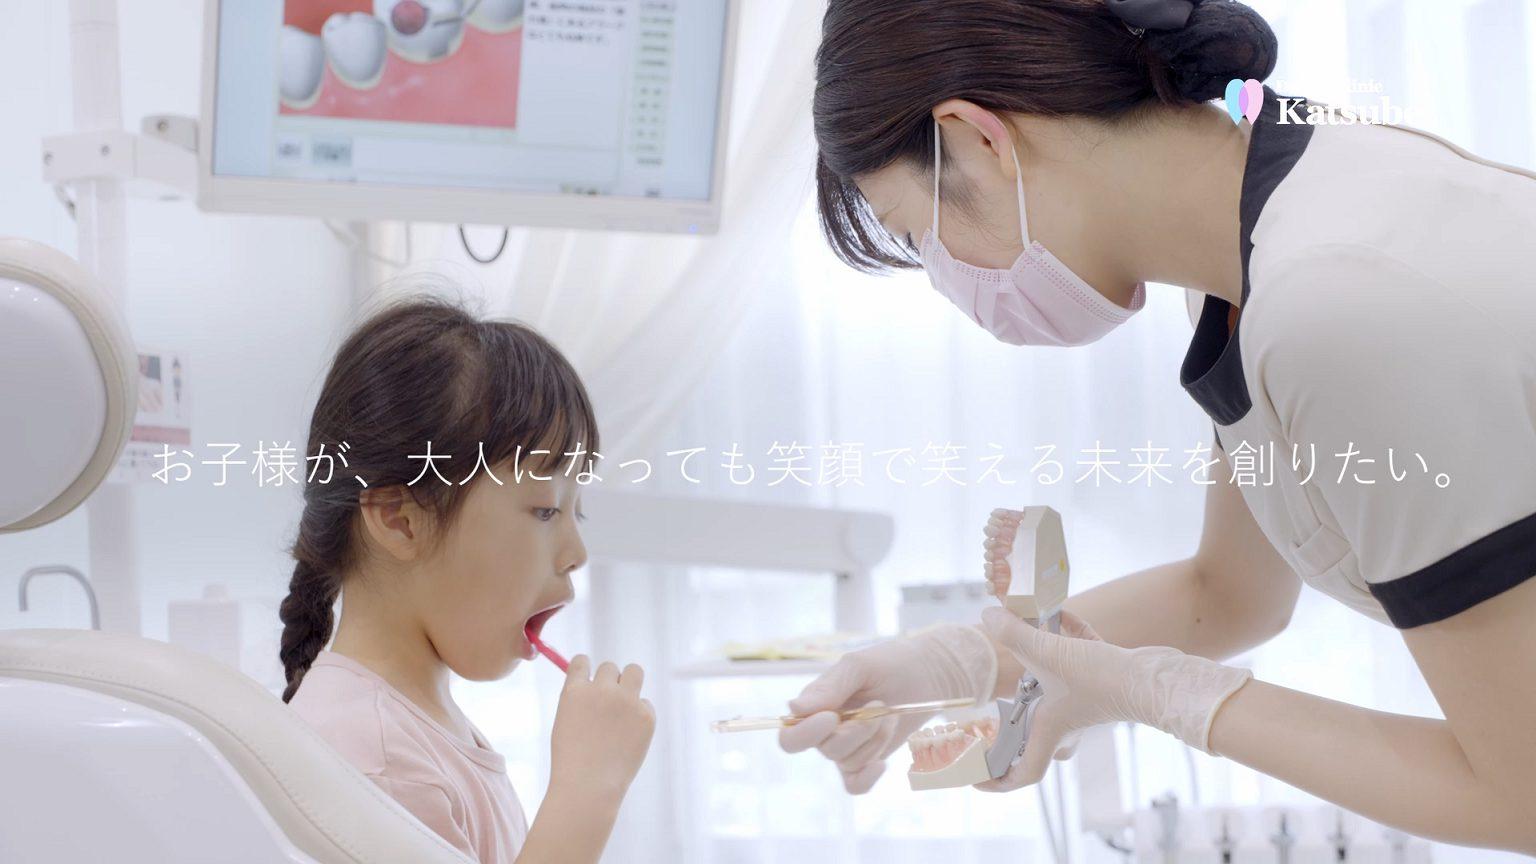 梅田の小児歯科として紹介動画を作成しました